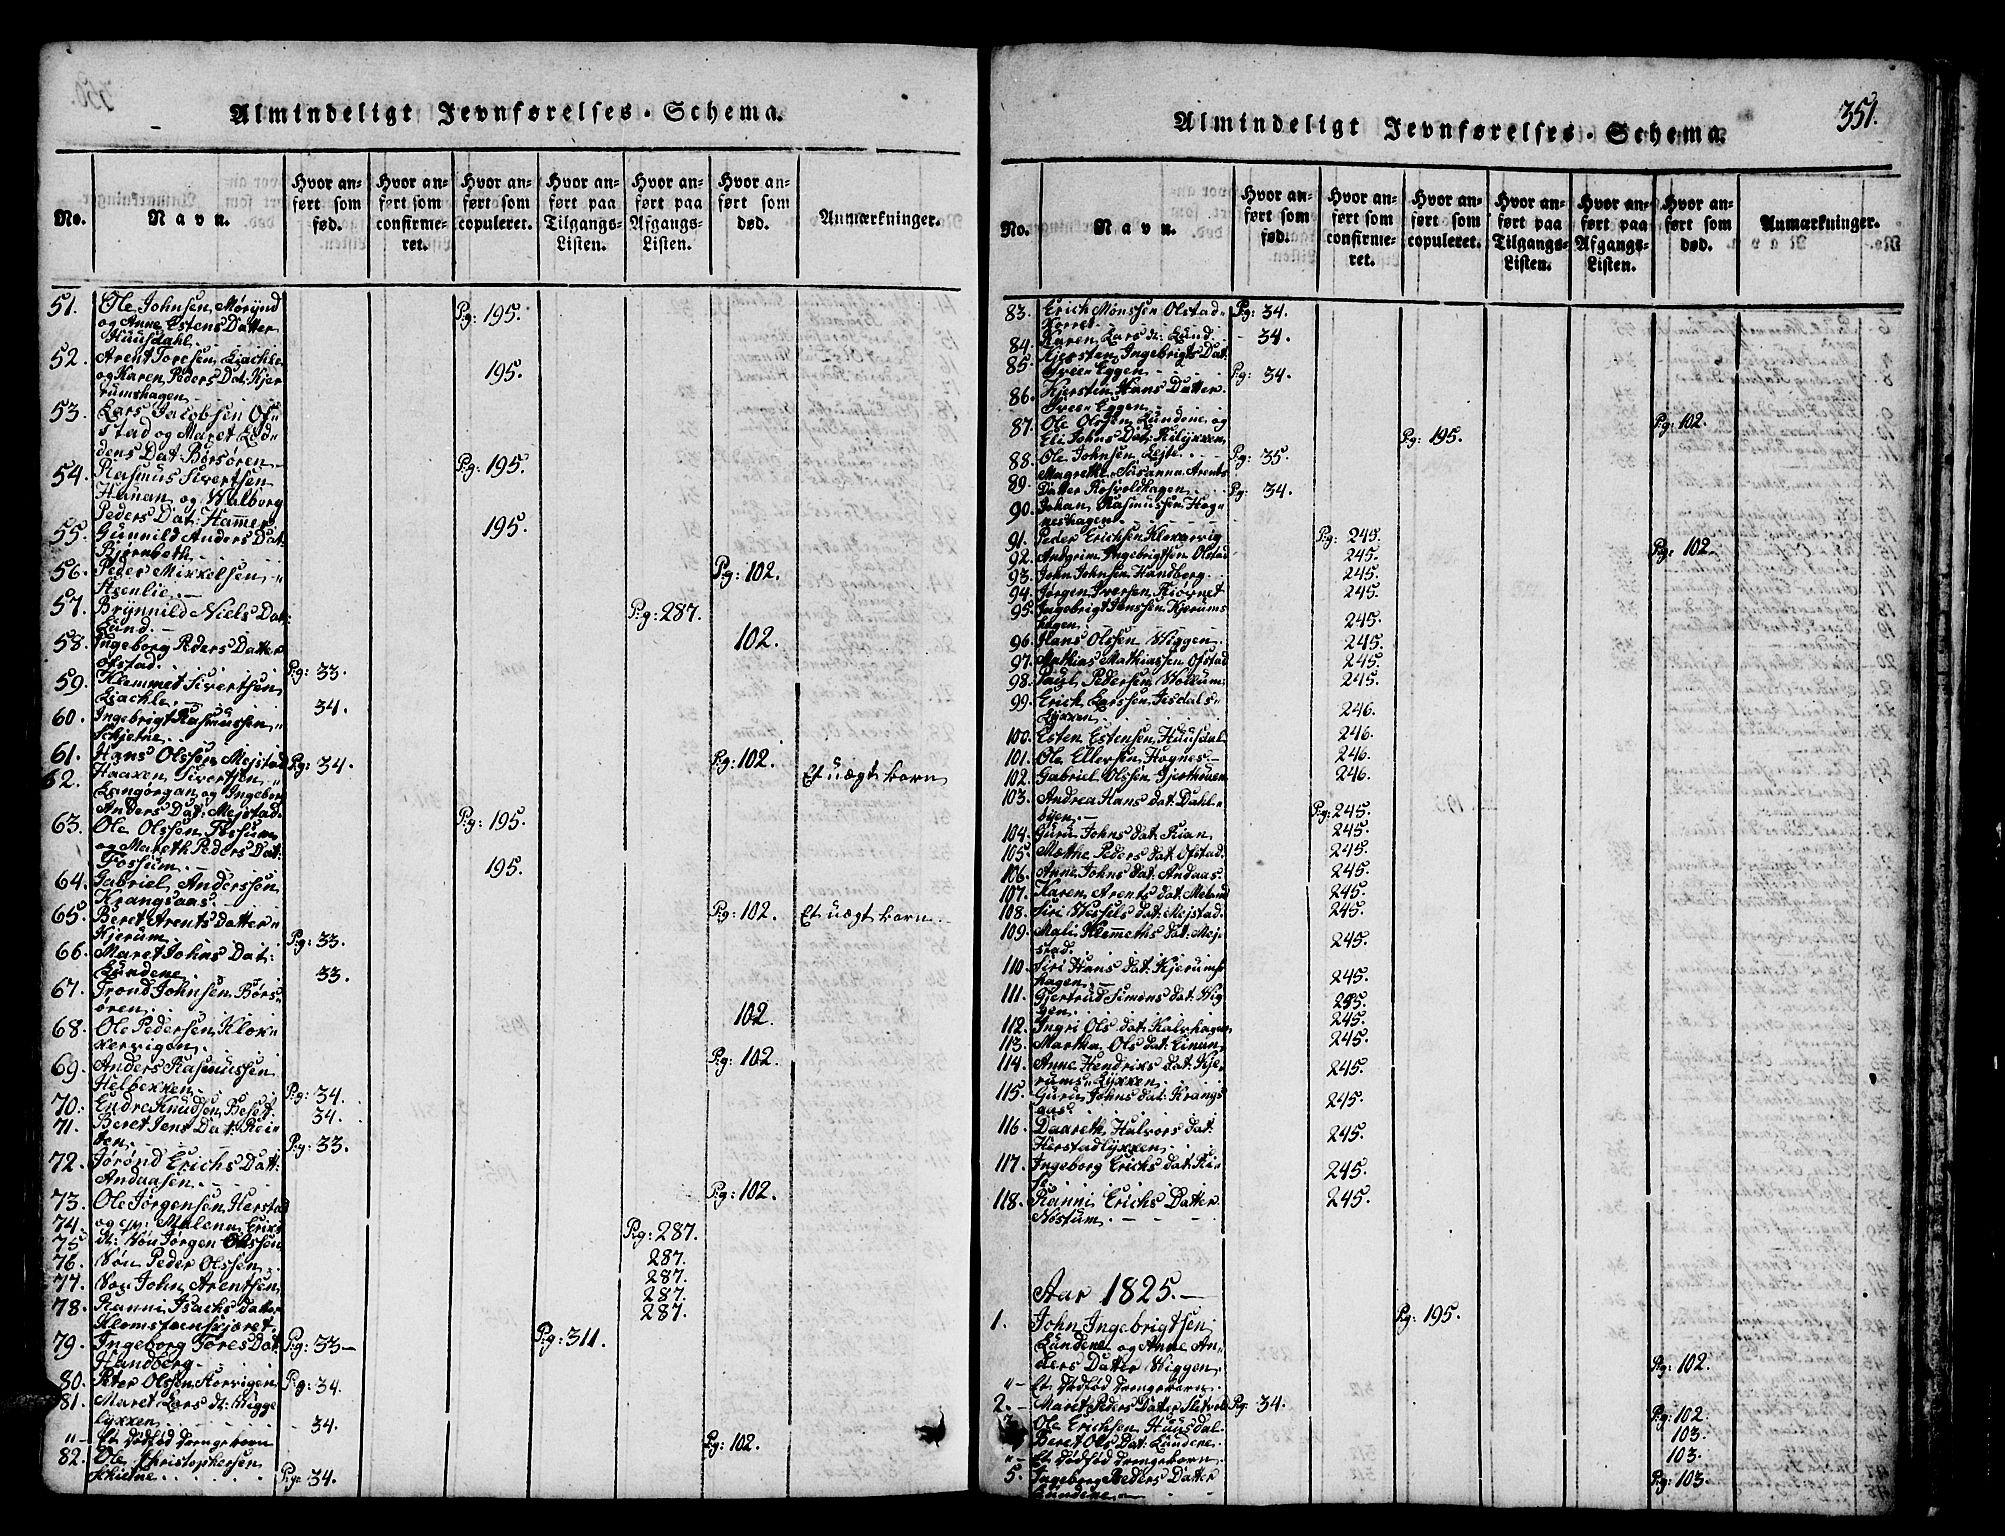 SAT, Ministerialprotokoller, klokkerbøker og fødselsregistre - Sør-Trøndelag, 665/L0776: Klokkerbok nr. 665C01, 1817-1837, s. 351